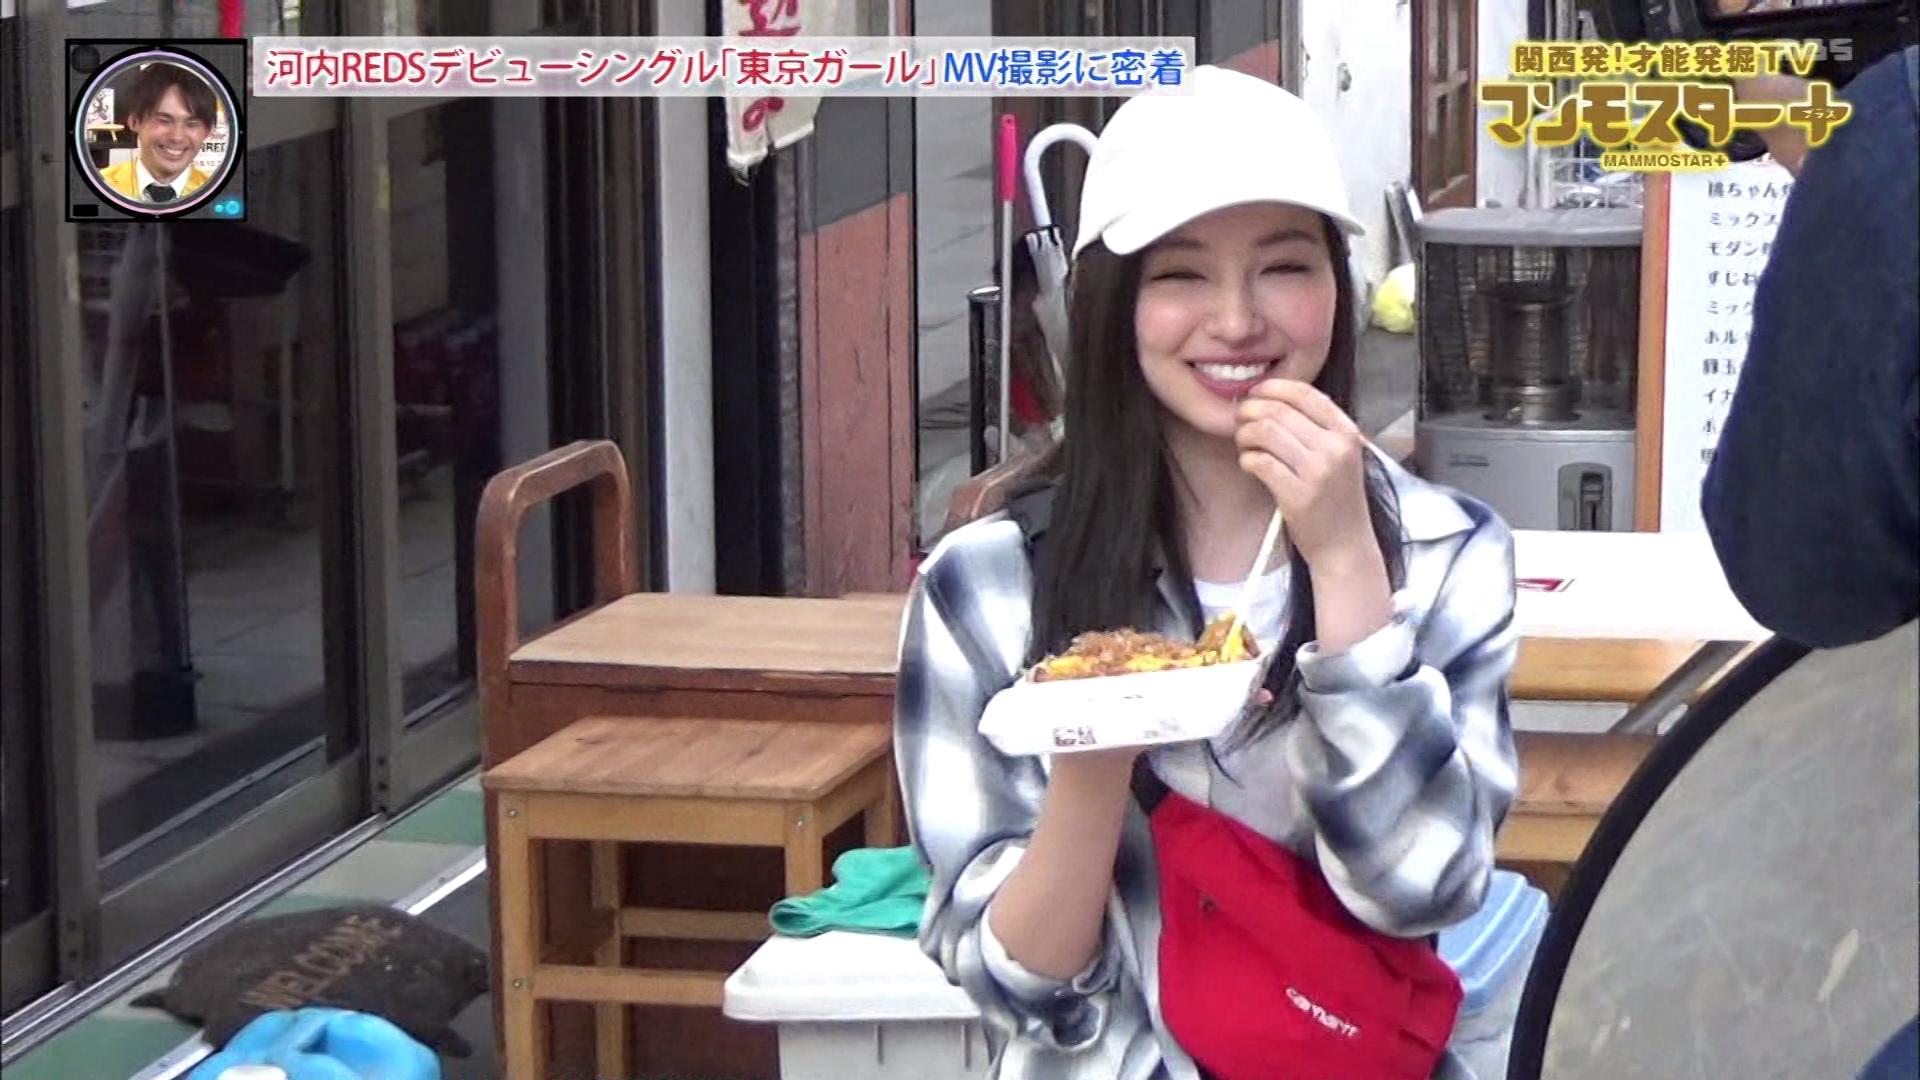 【村瀬紗英】さえぴぃ出演MV 河内REDS「東京ガール」の動画とマンモスター+のキャプ画像。